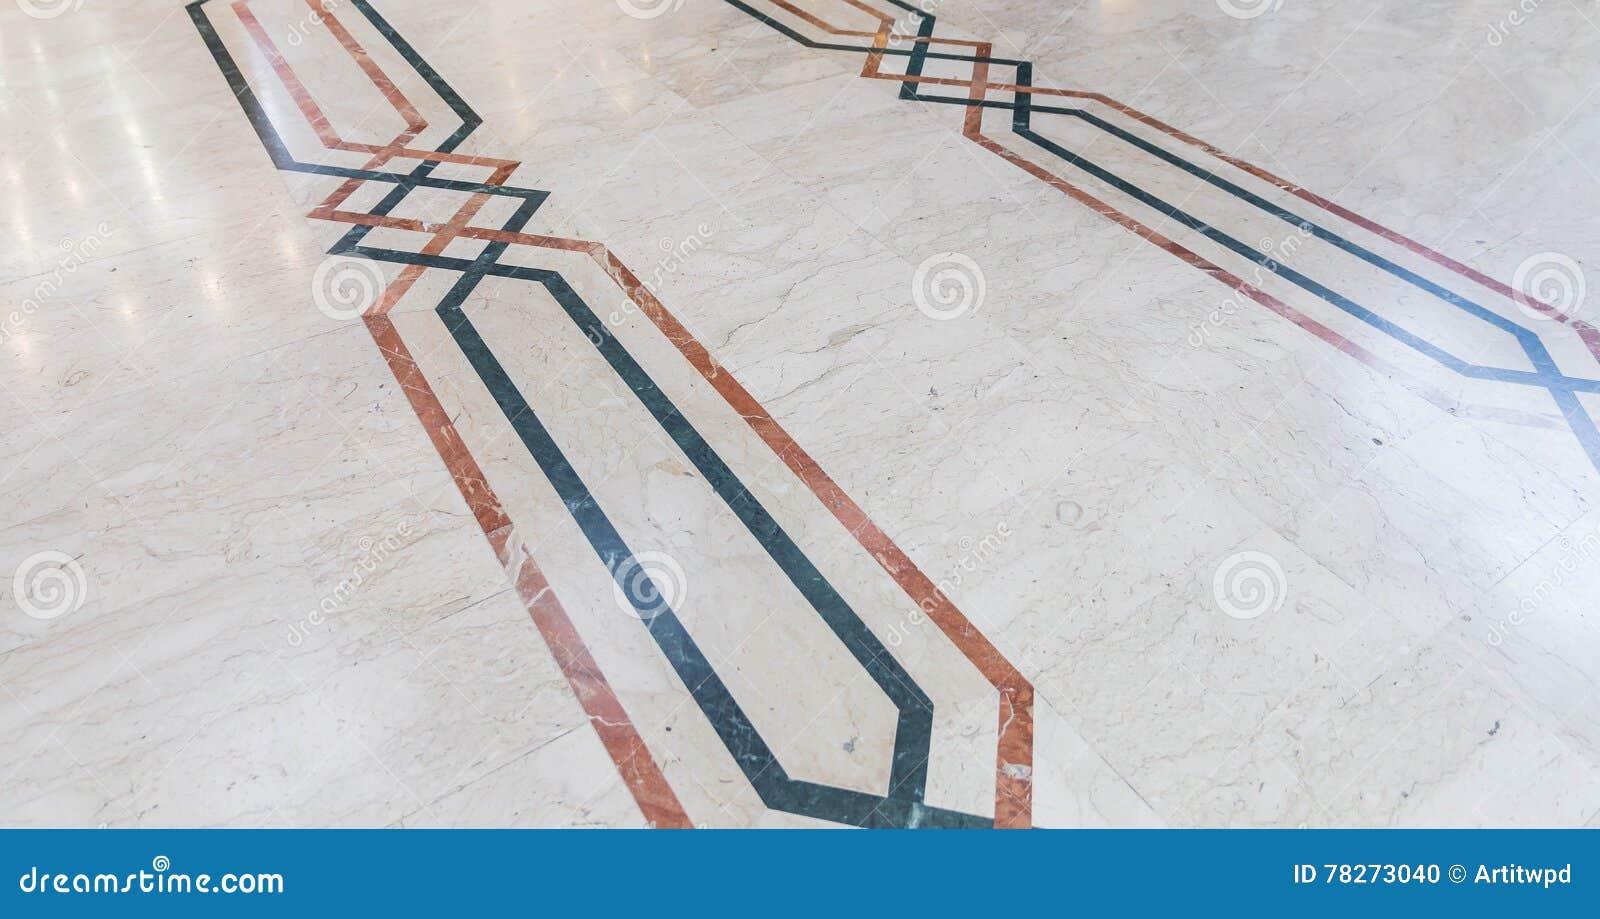 Arabische Boden Dekoration Mit Verschiedenen Farben Des Marmors